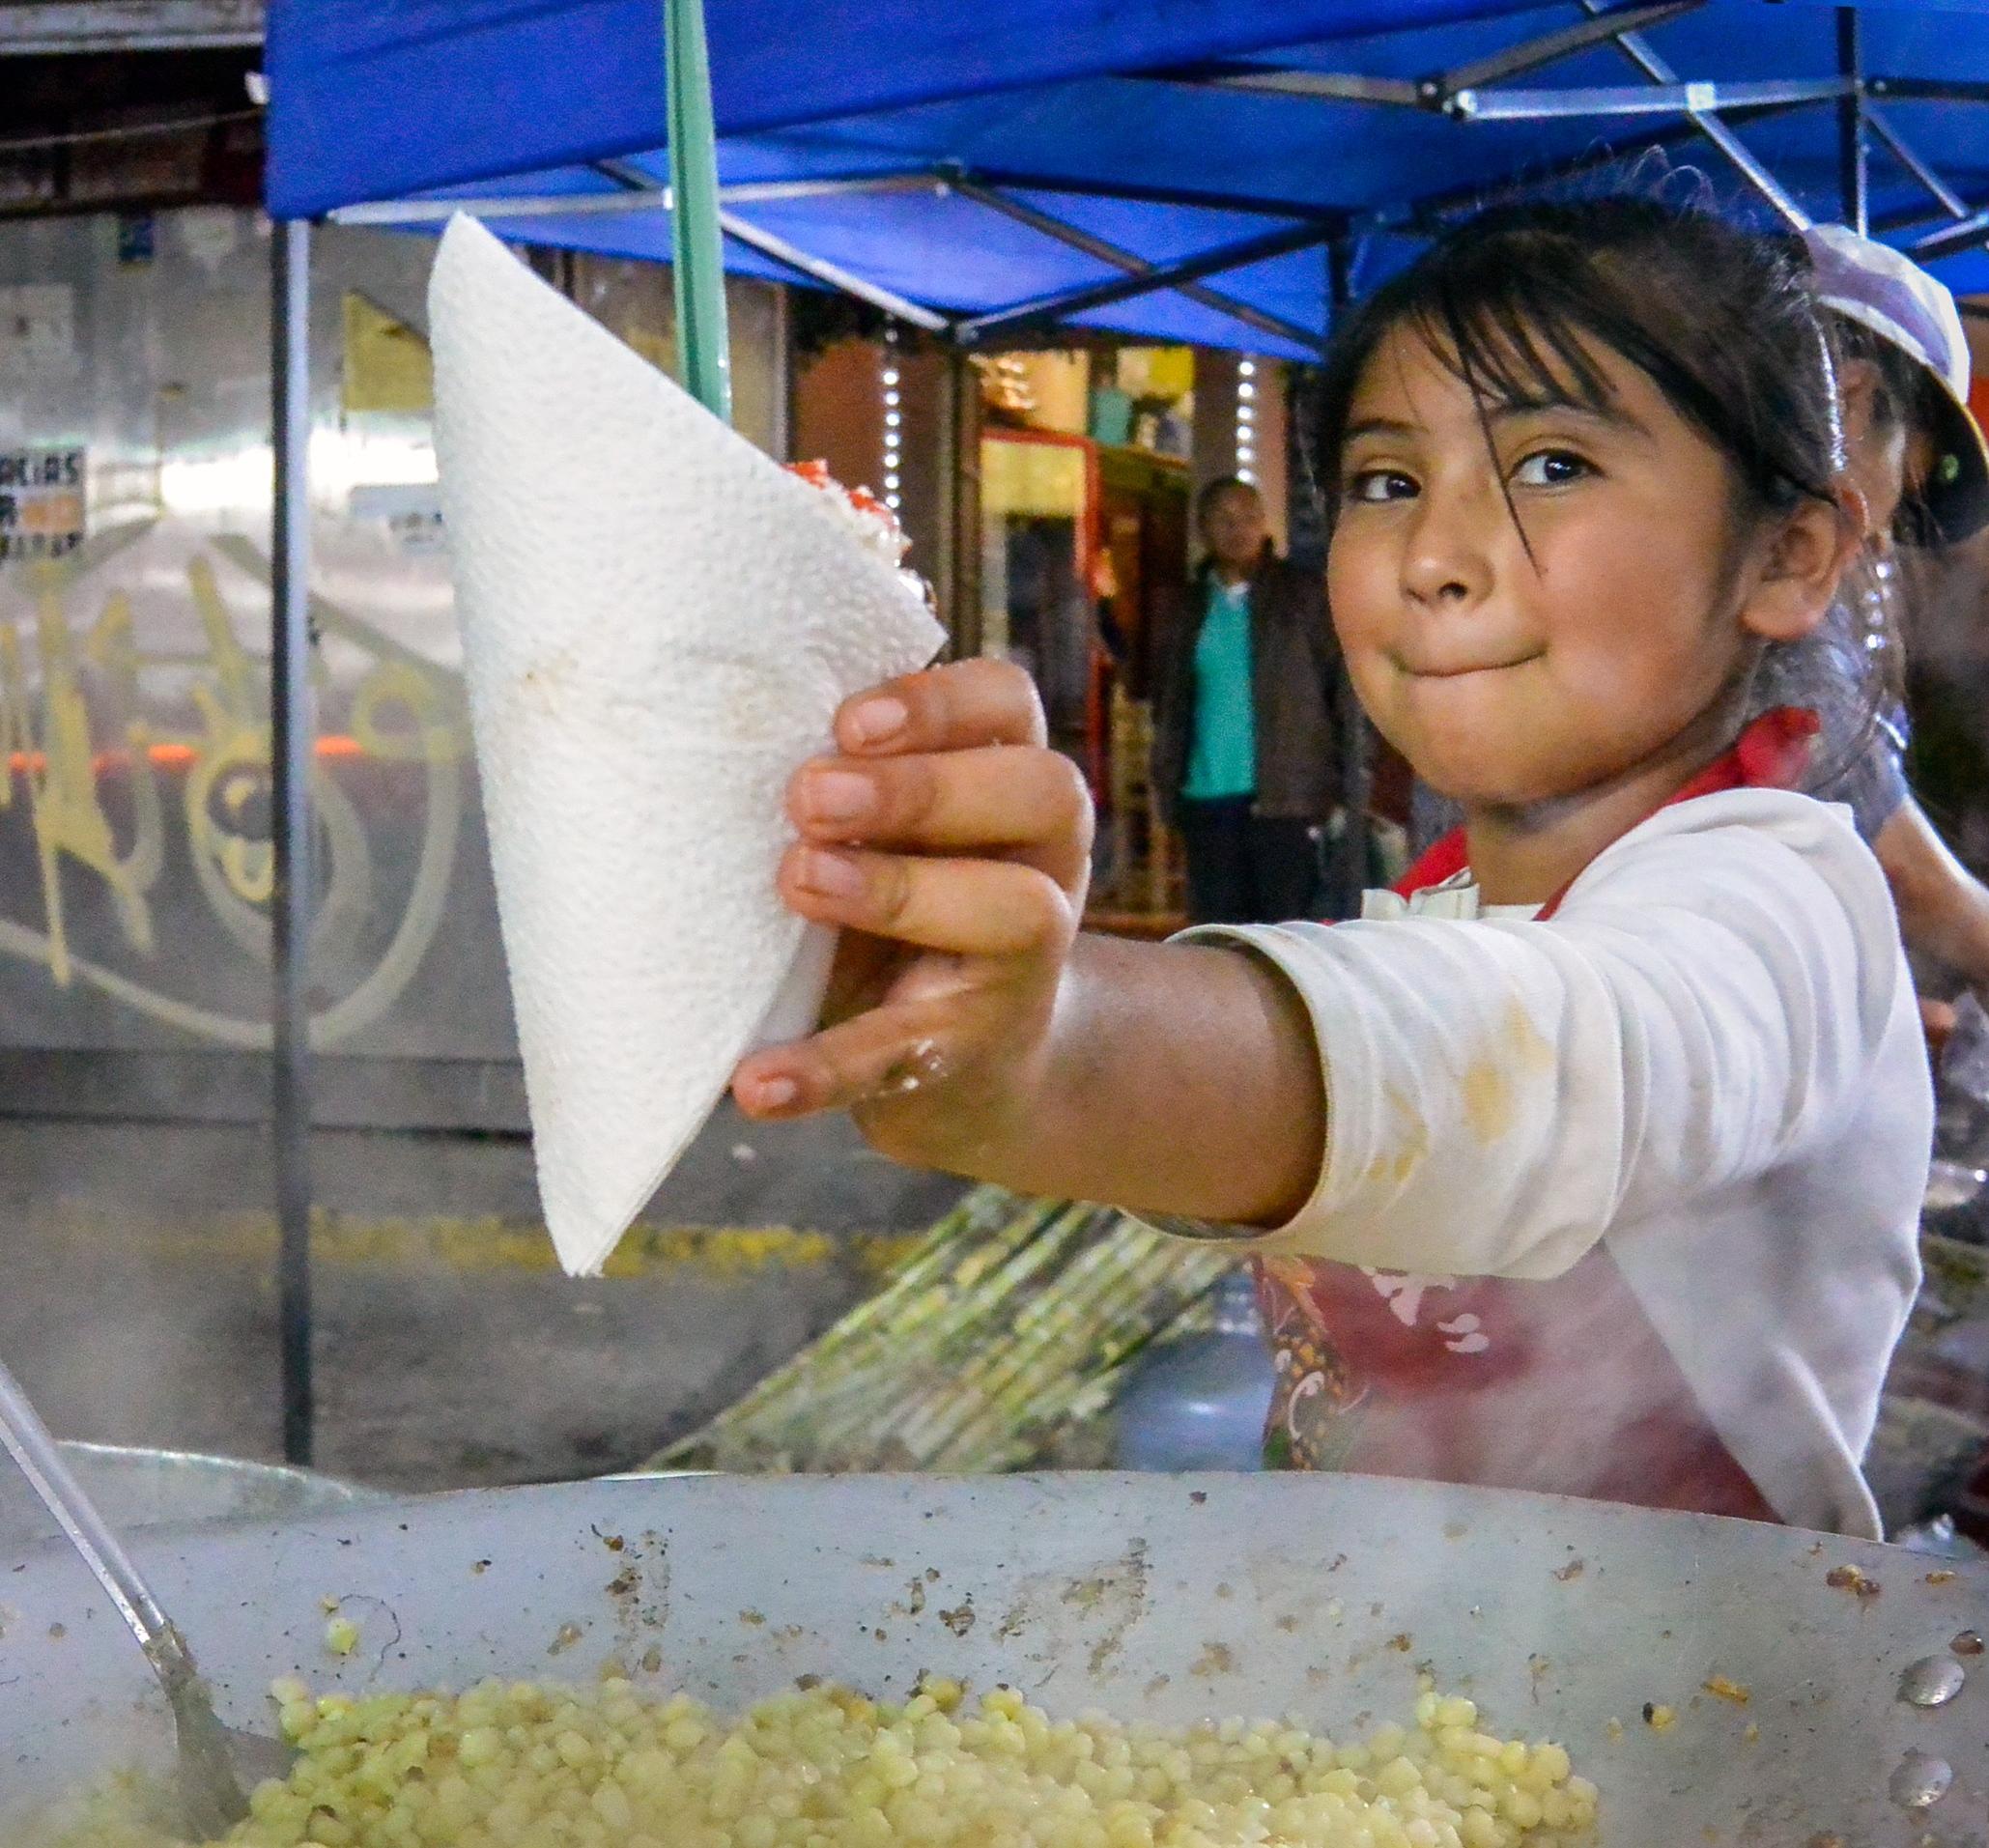 Mexico Food Market